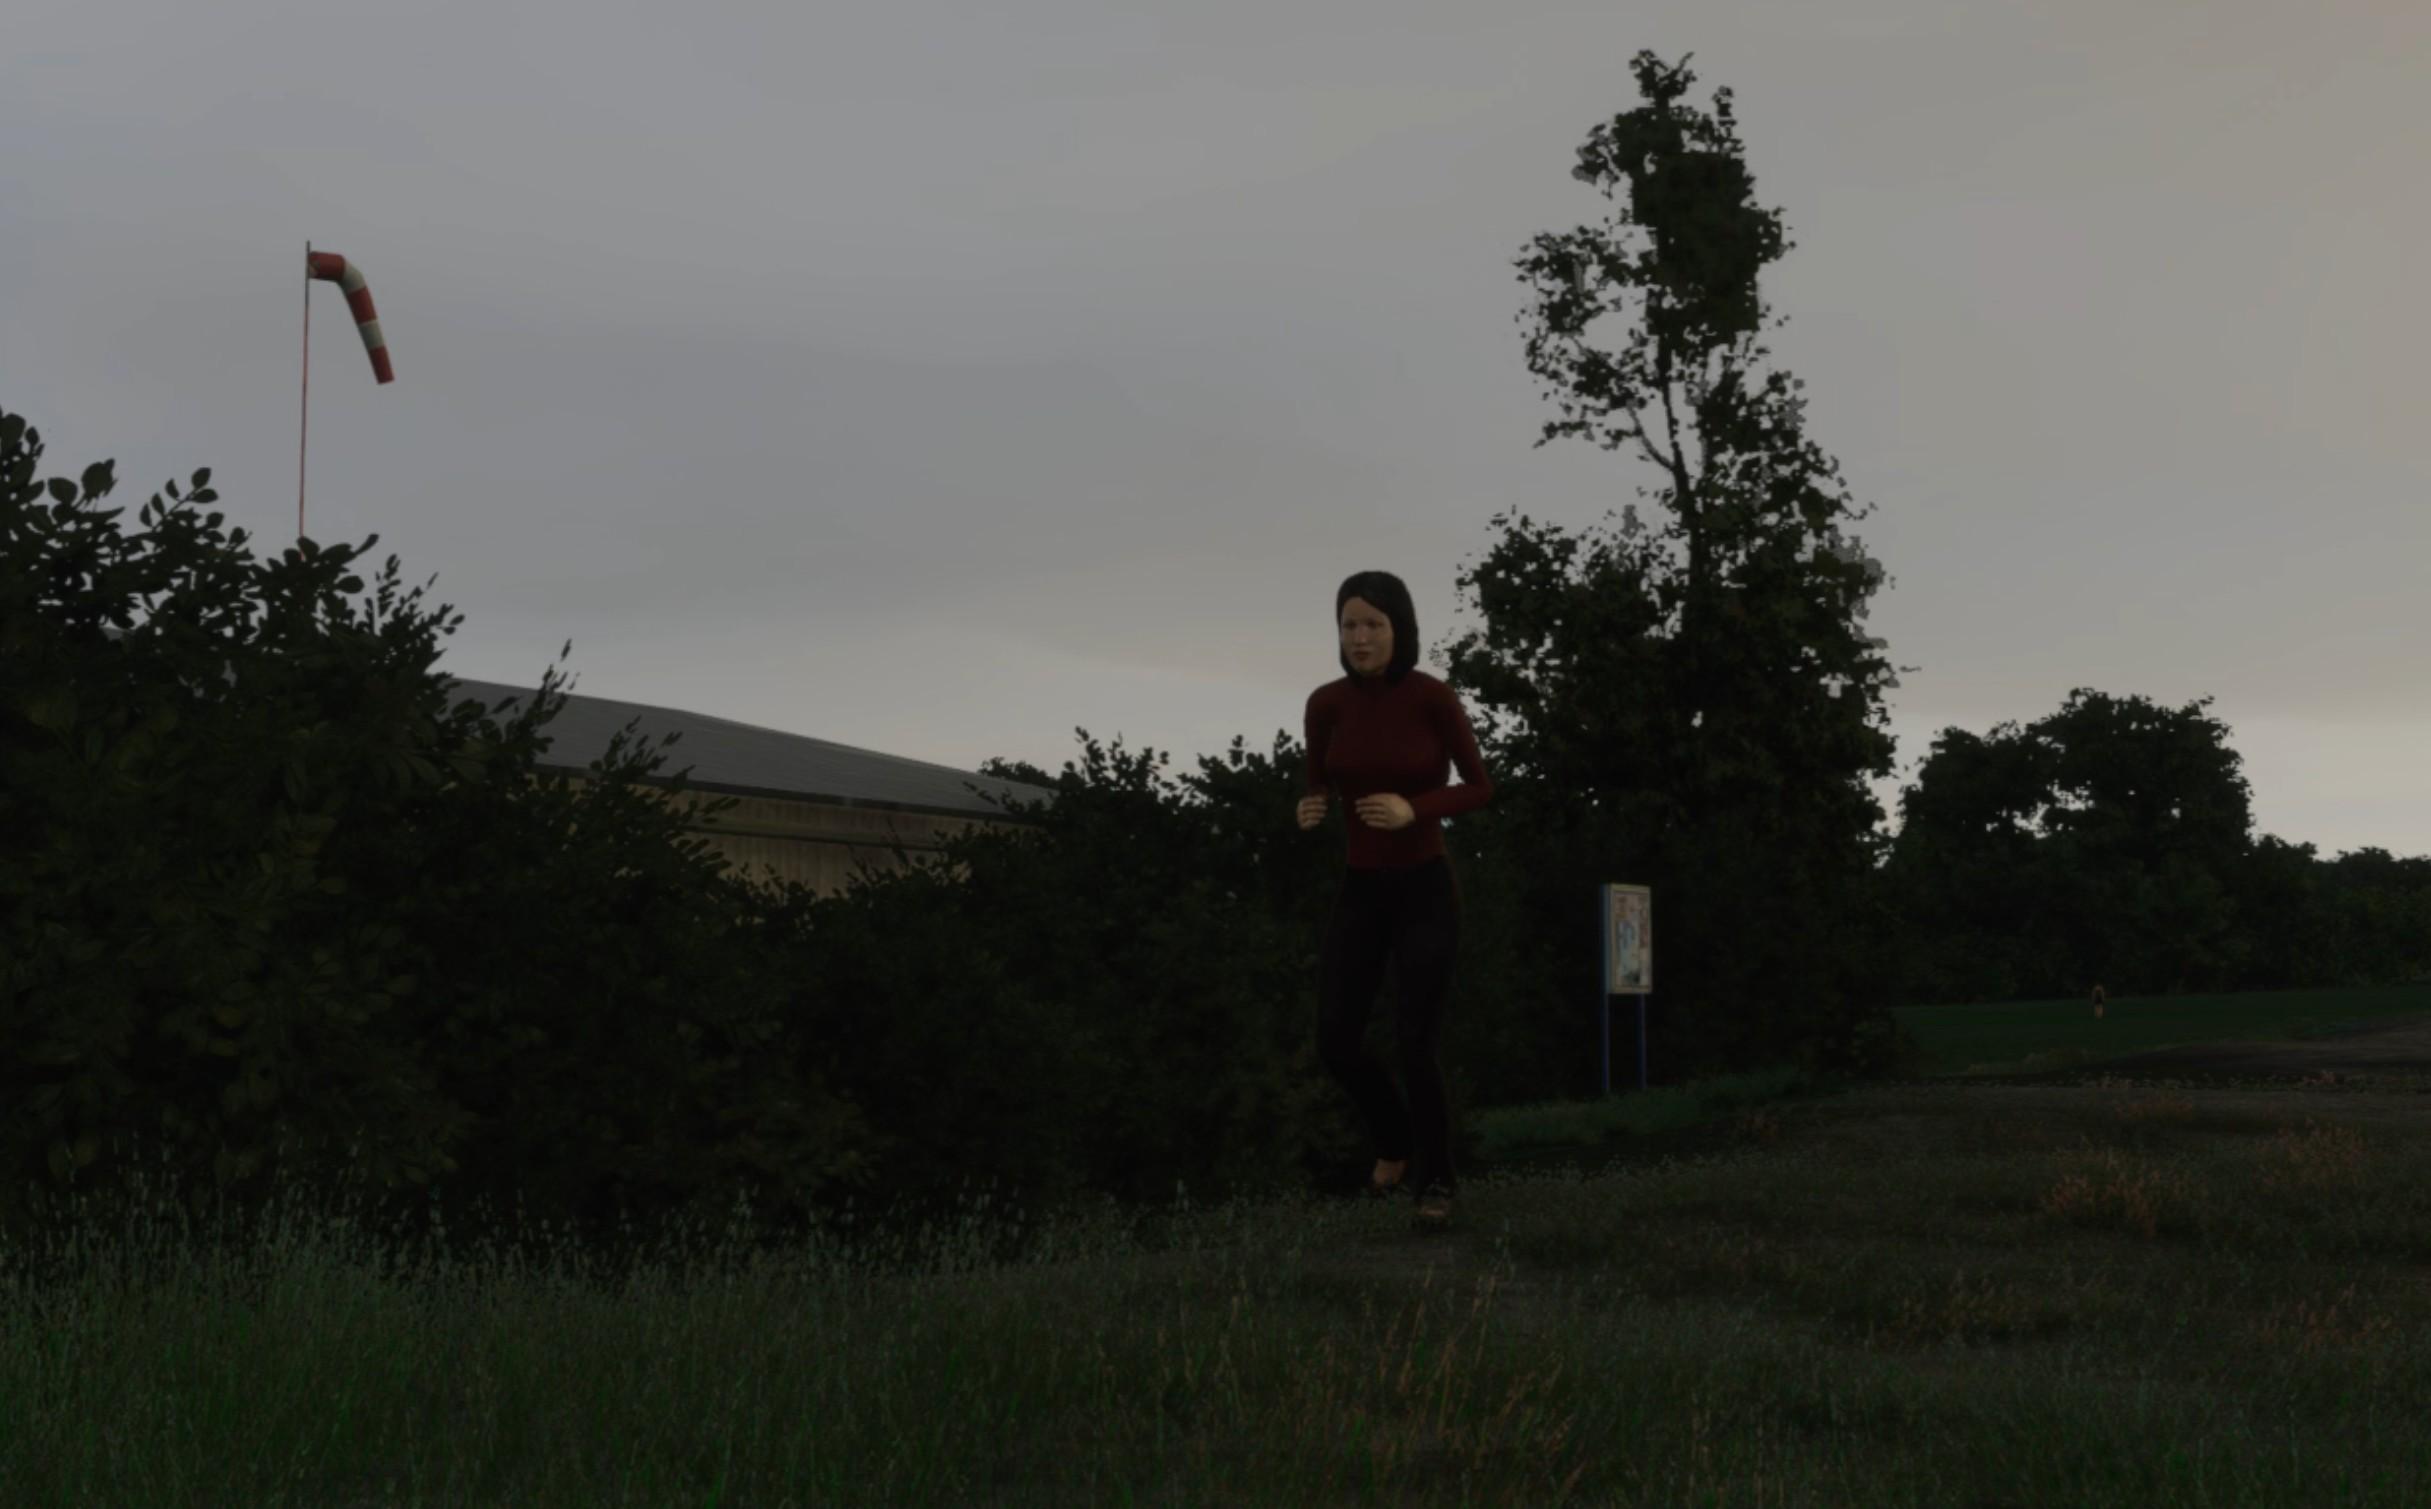 mfs_hengsen_jogger.jpg